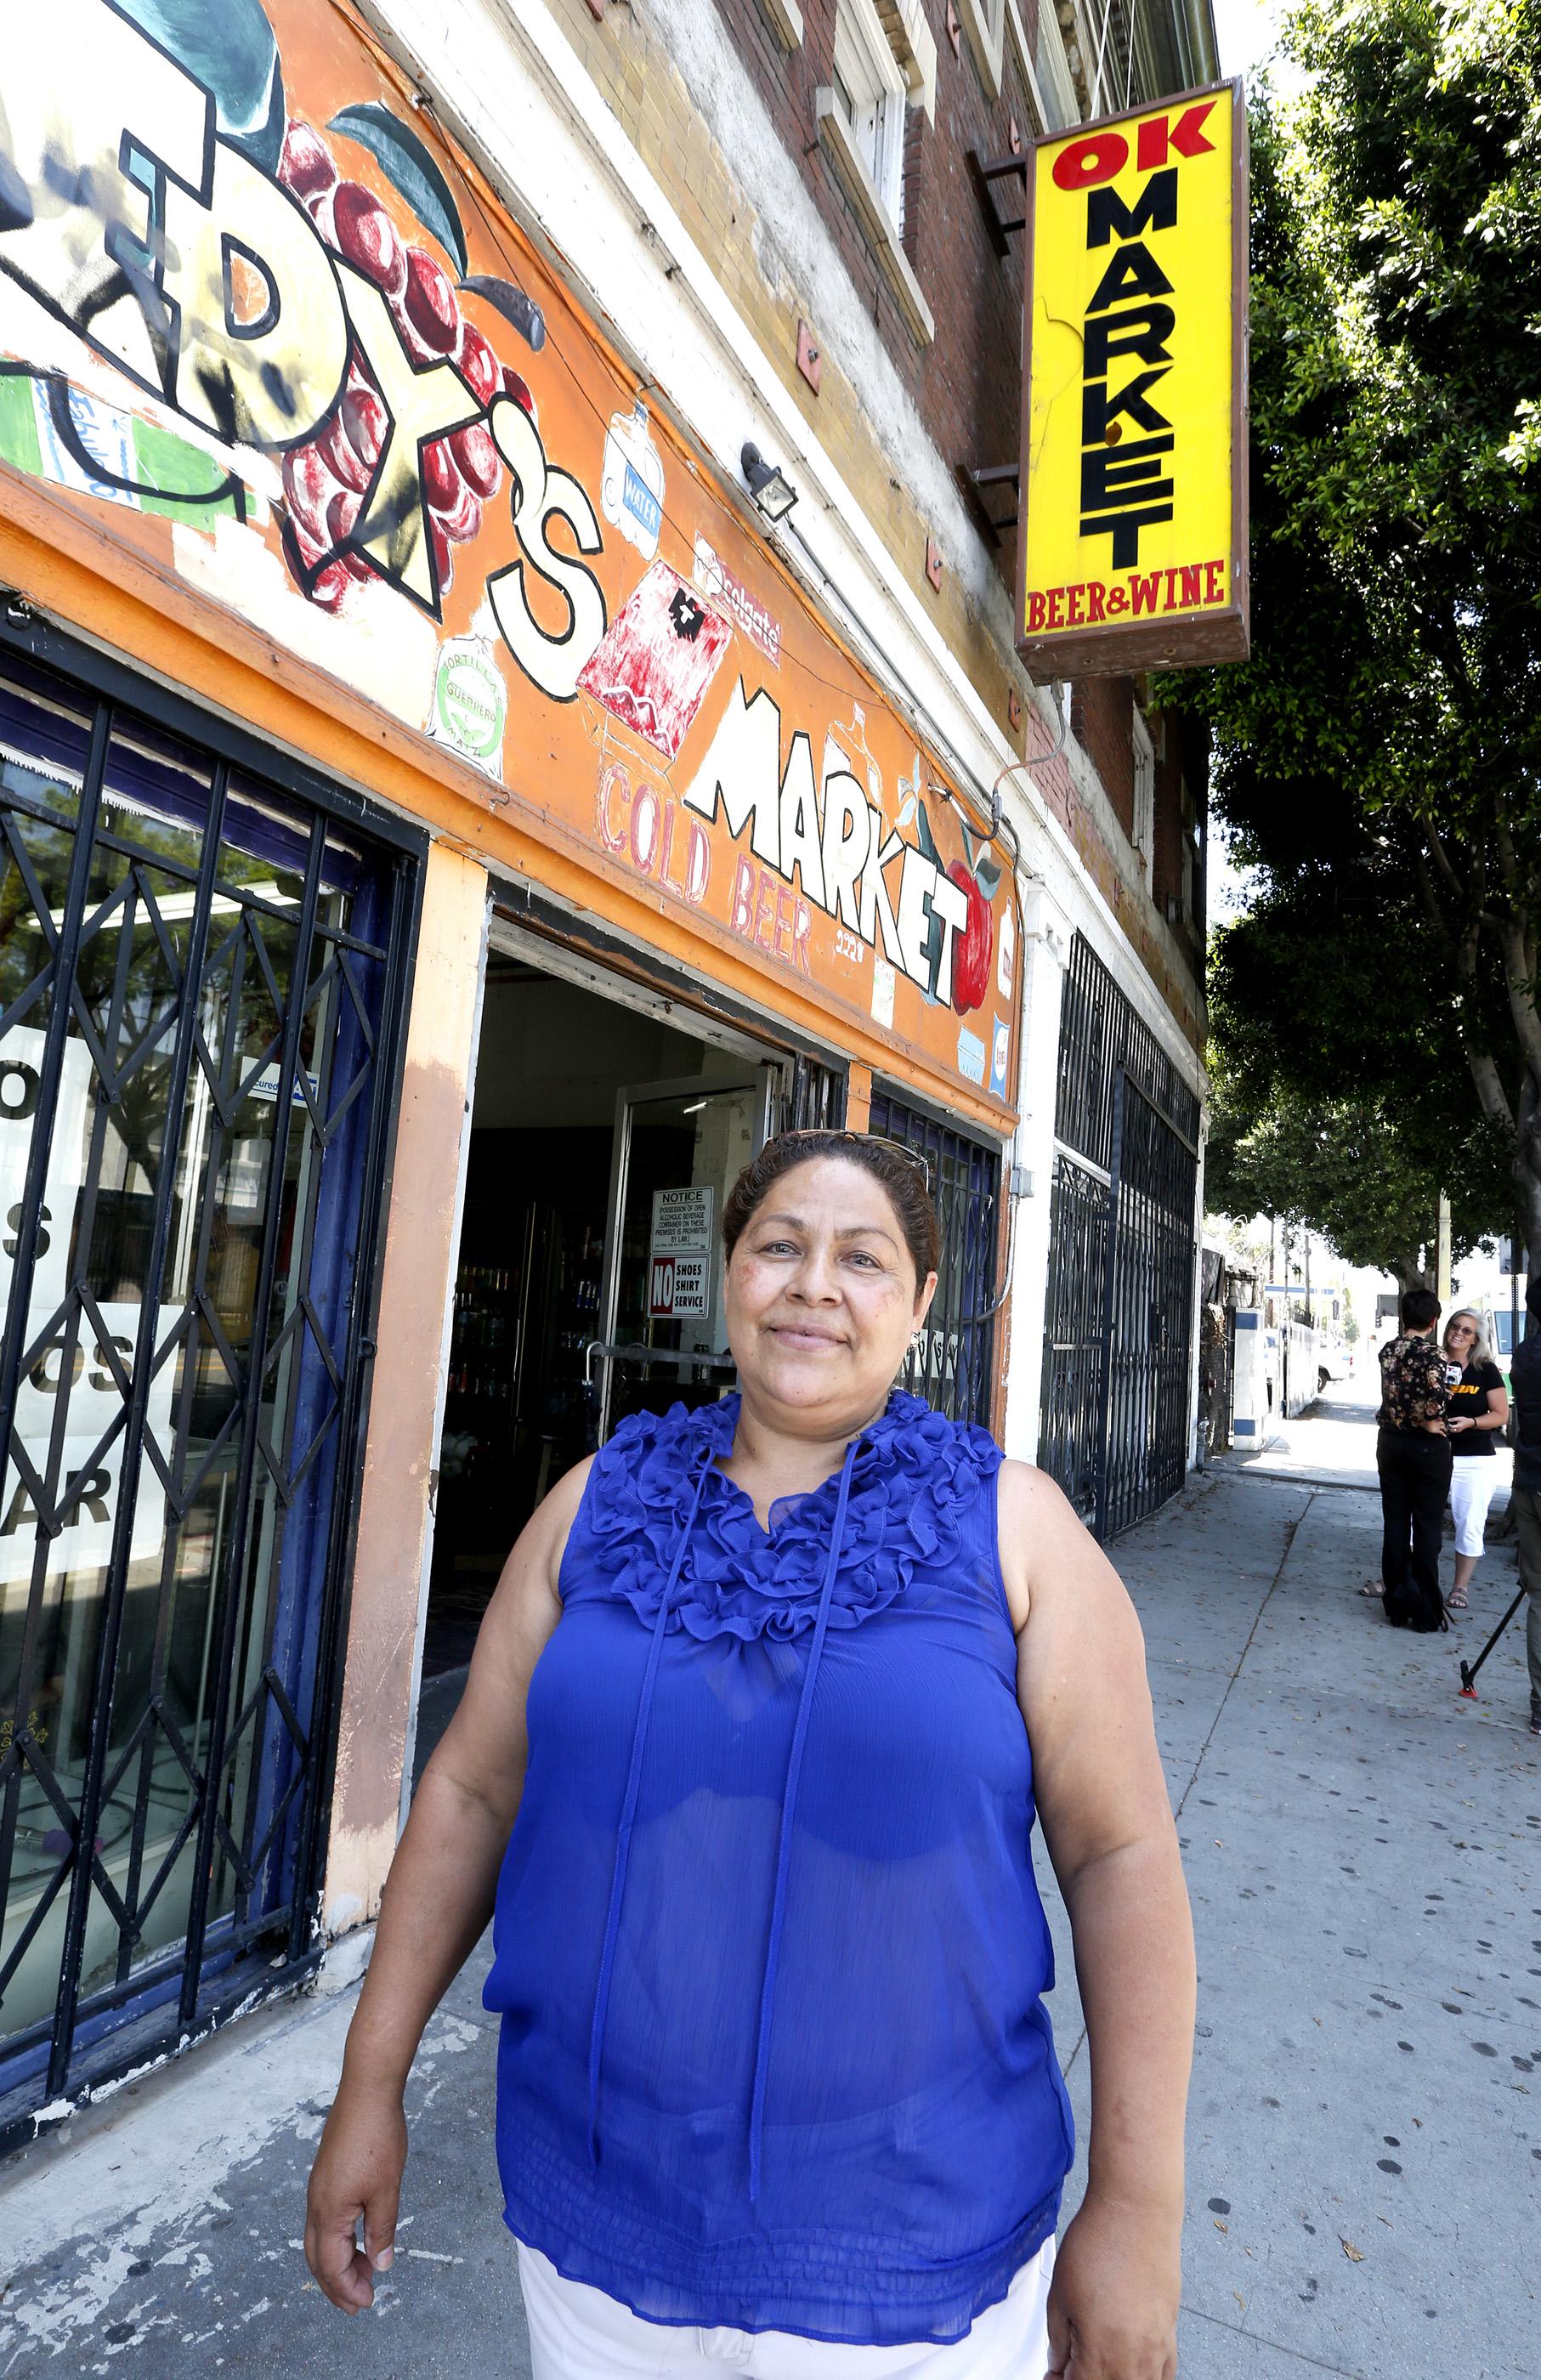 La duena del OK Market Maria Ramirez busca evitar ser desalojada por el nuevo dueño del edificio donde tiene su negocio. (Aurelia Ventura/ La Opinion)